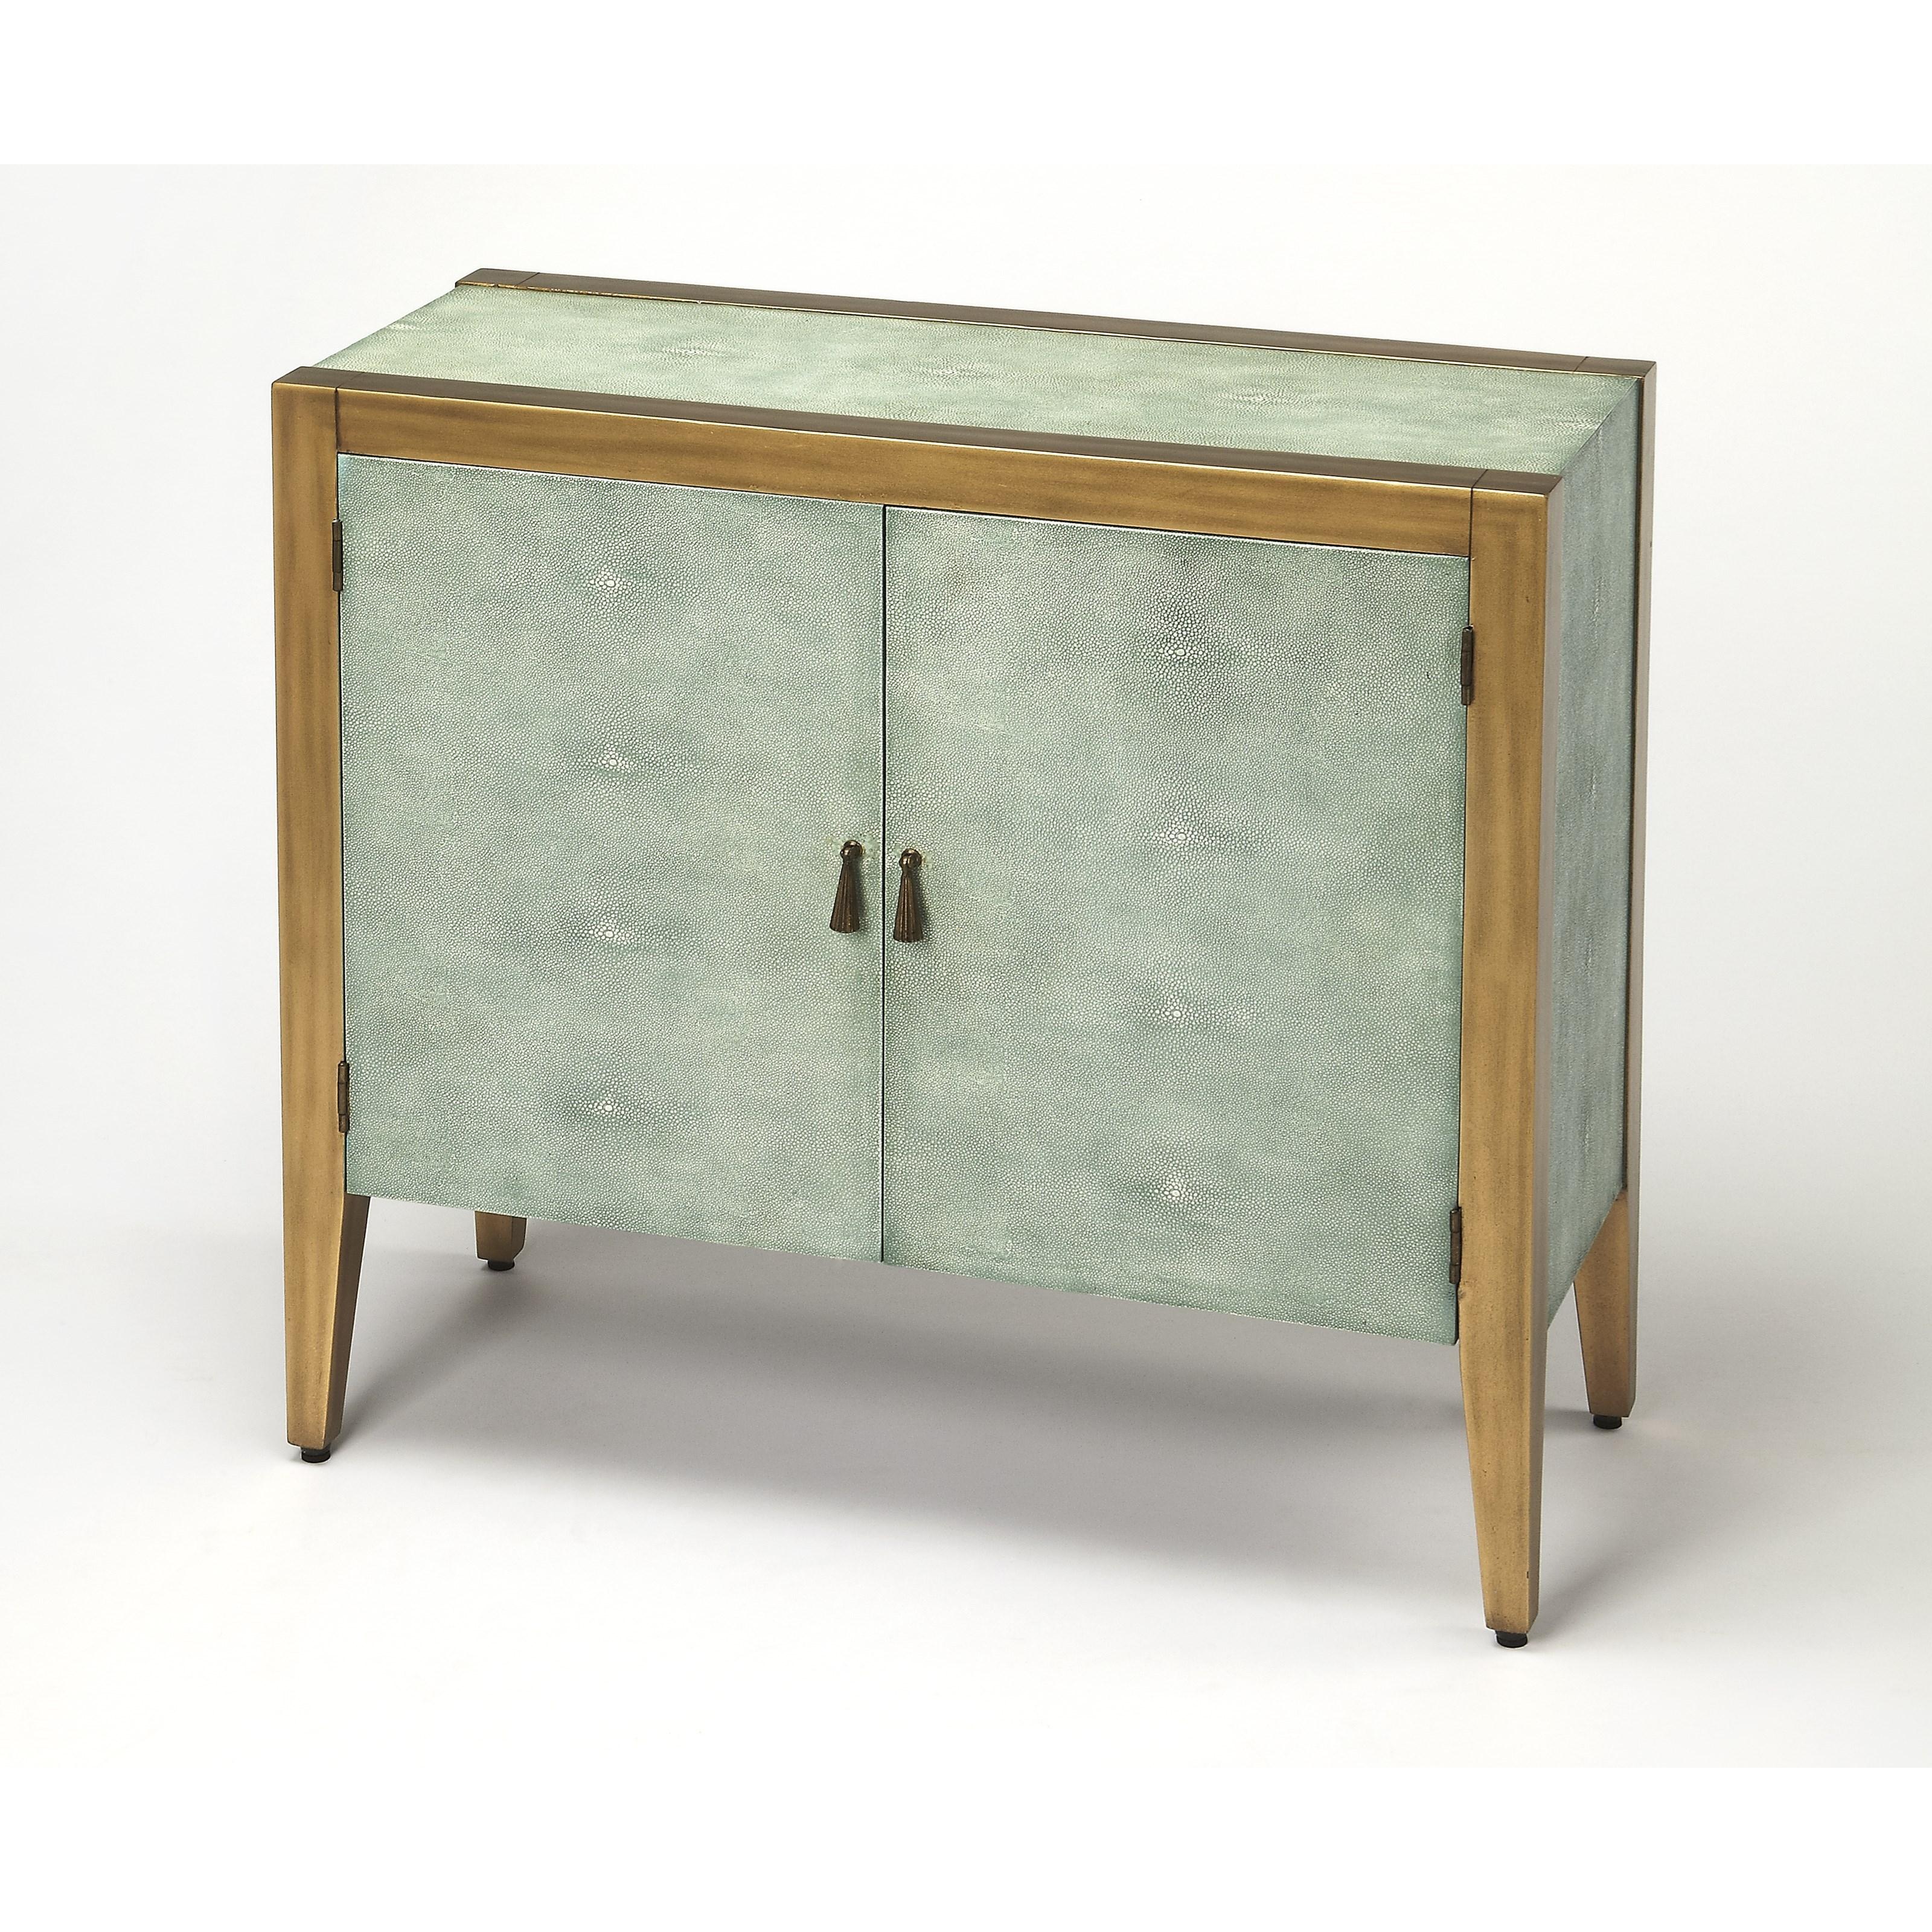 Butler specialty company cosmopolitan apollonia shagreen for Sofa table cabinet